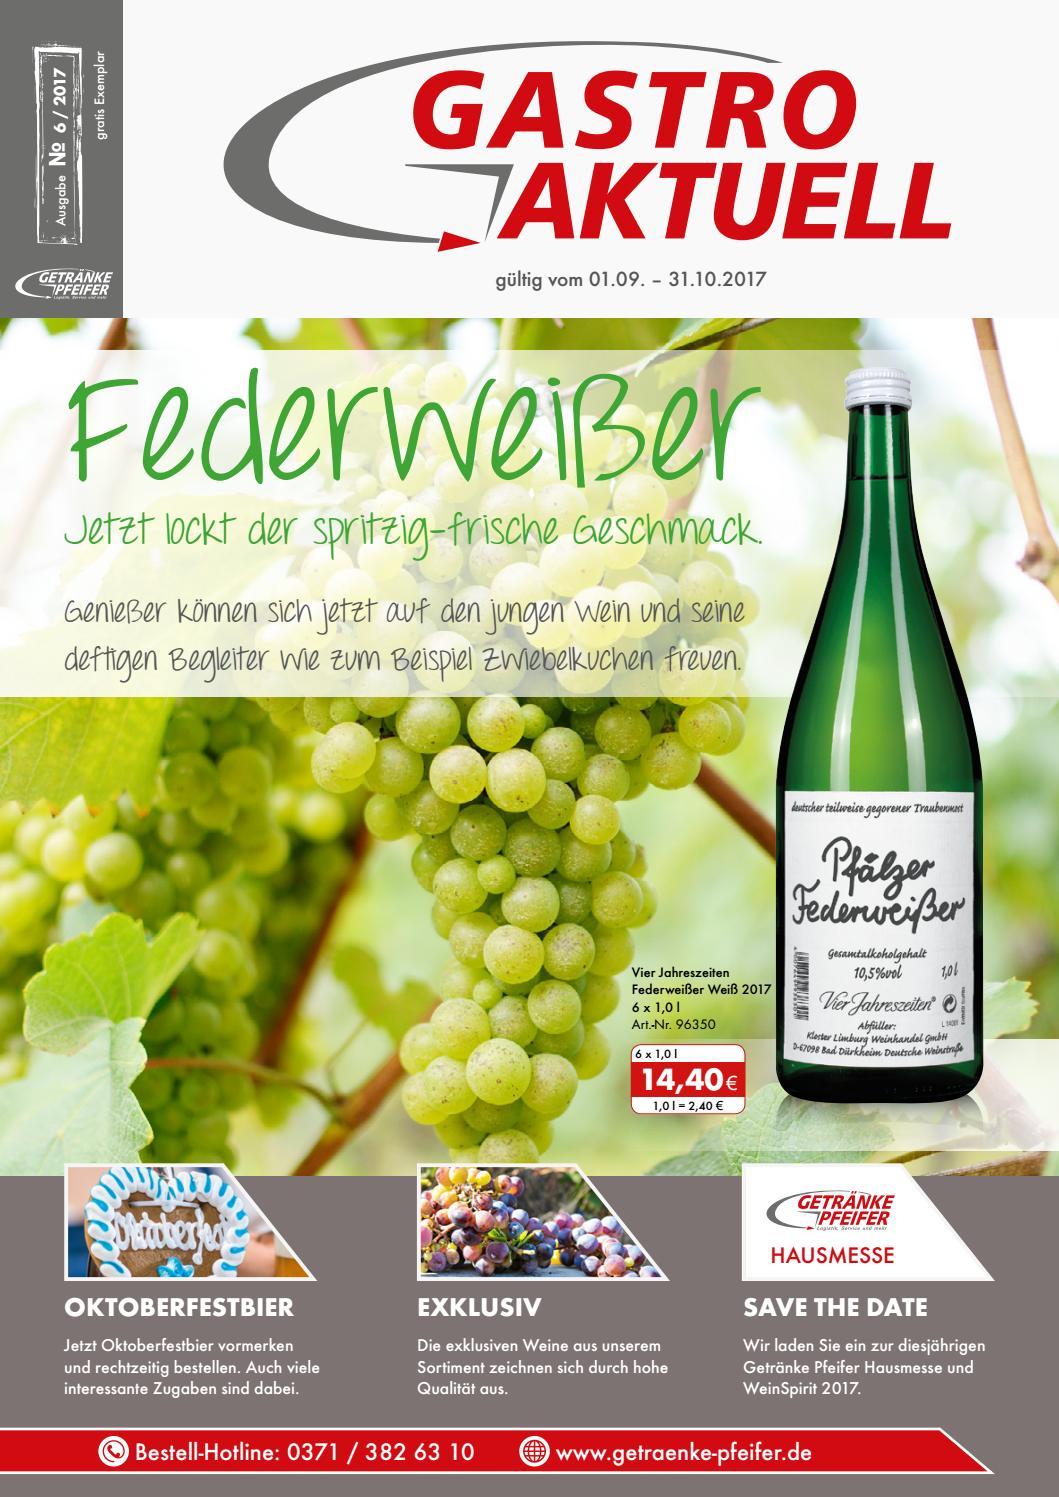 Gastro Aktuell - Ausgabe 6 / 2017 by Getränke Pfeifer GmbH - issuu